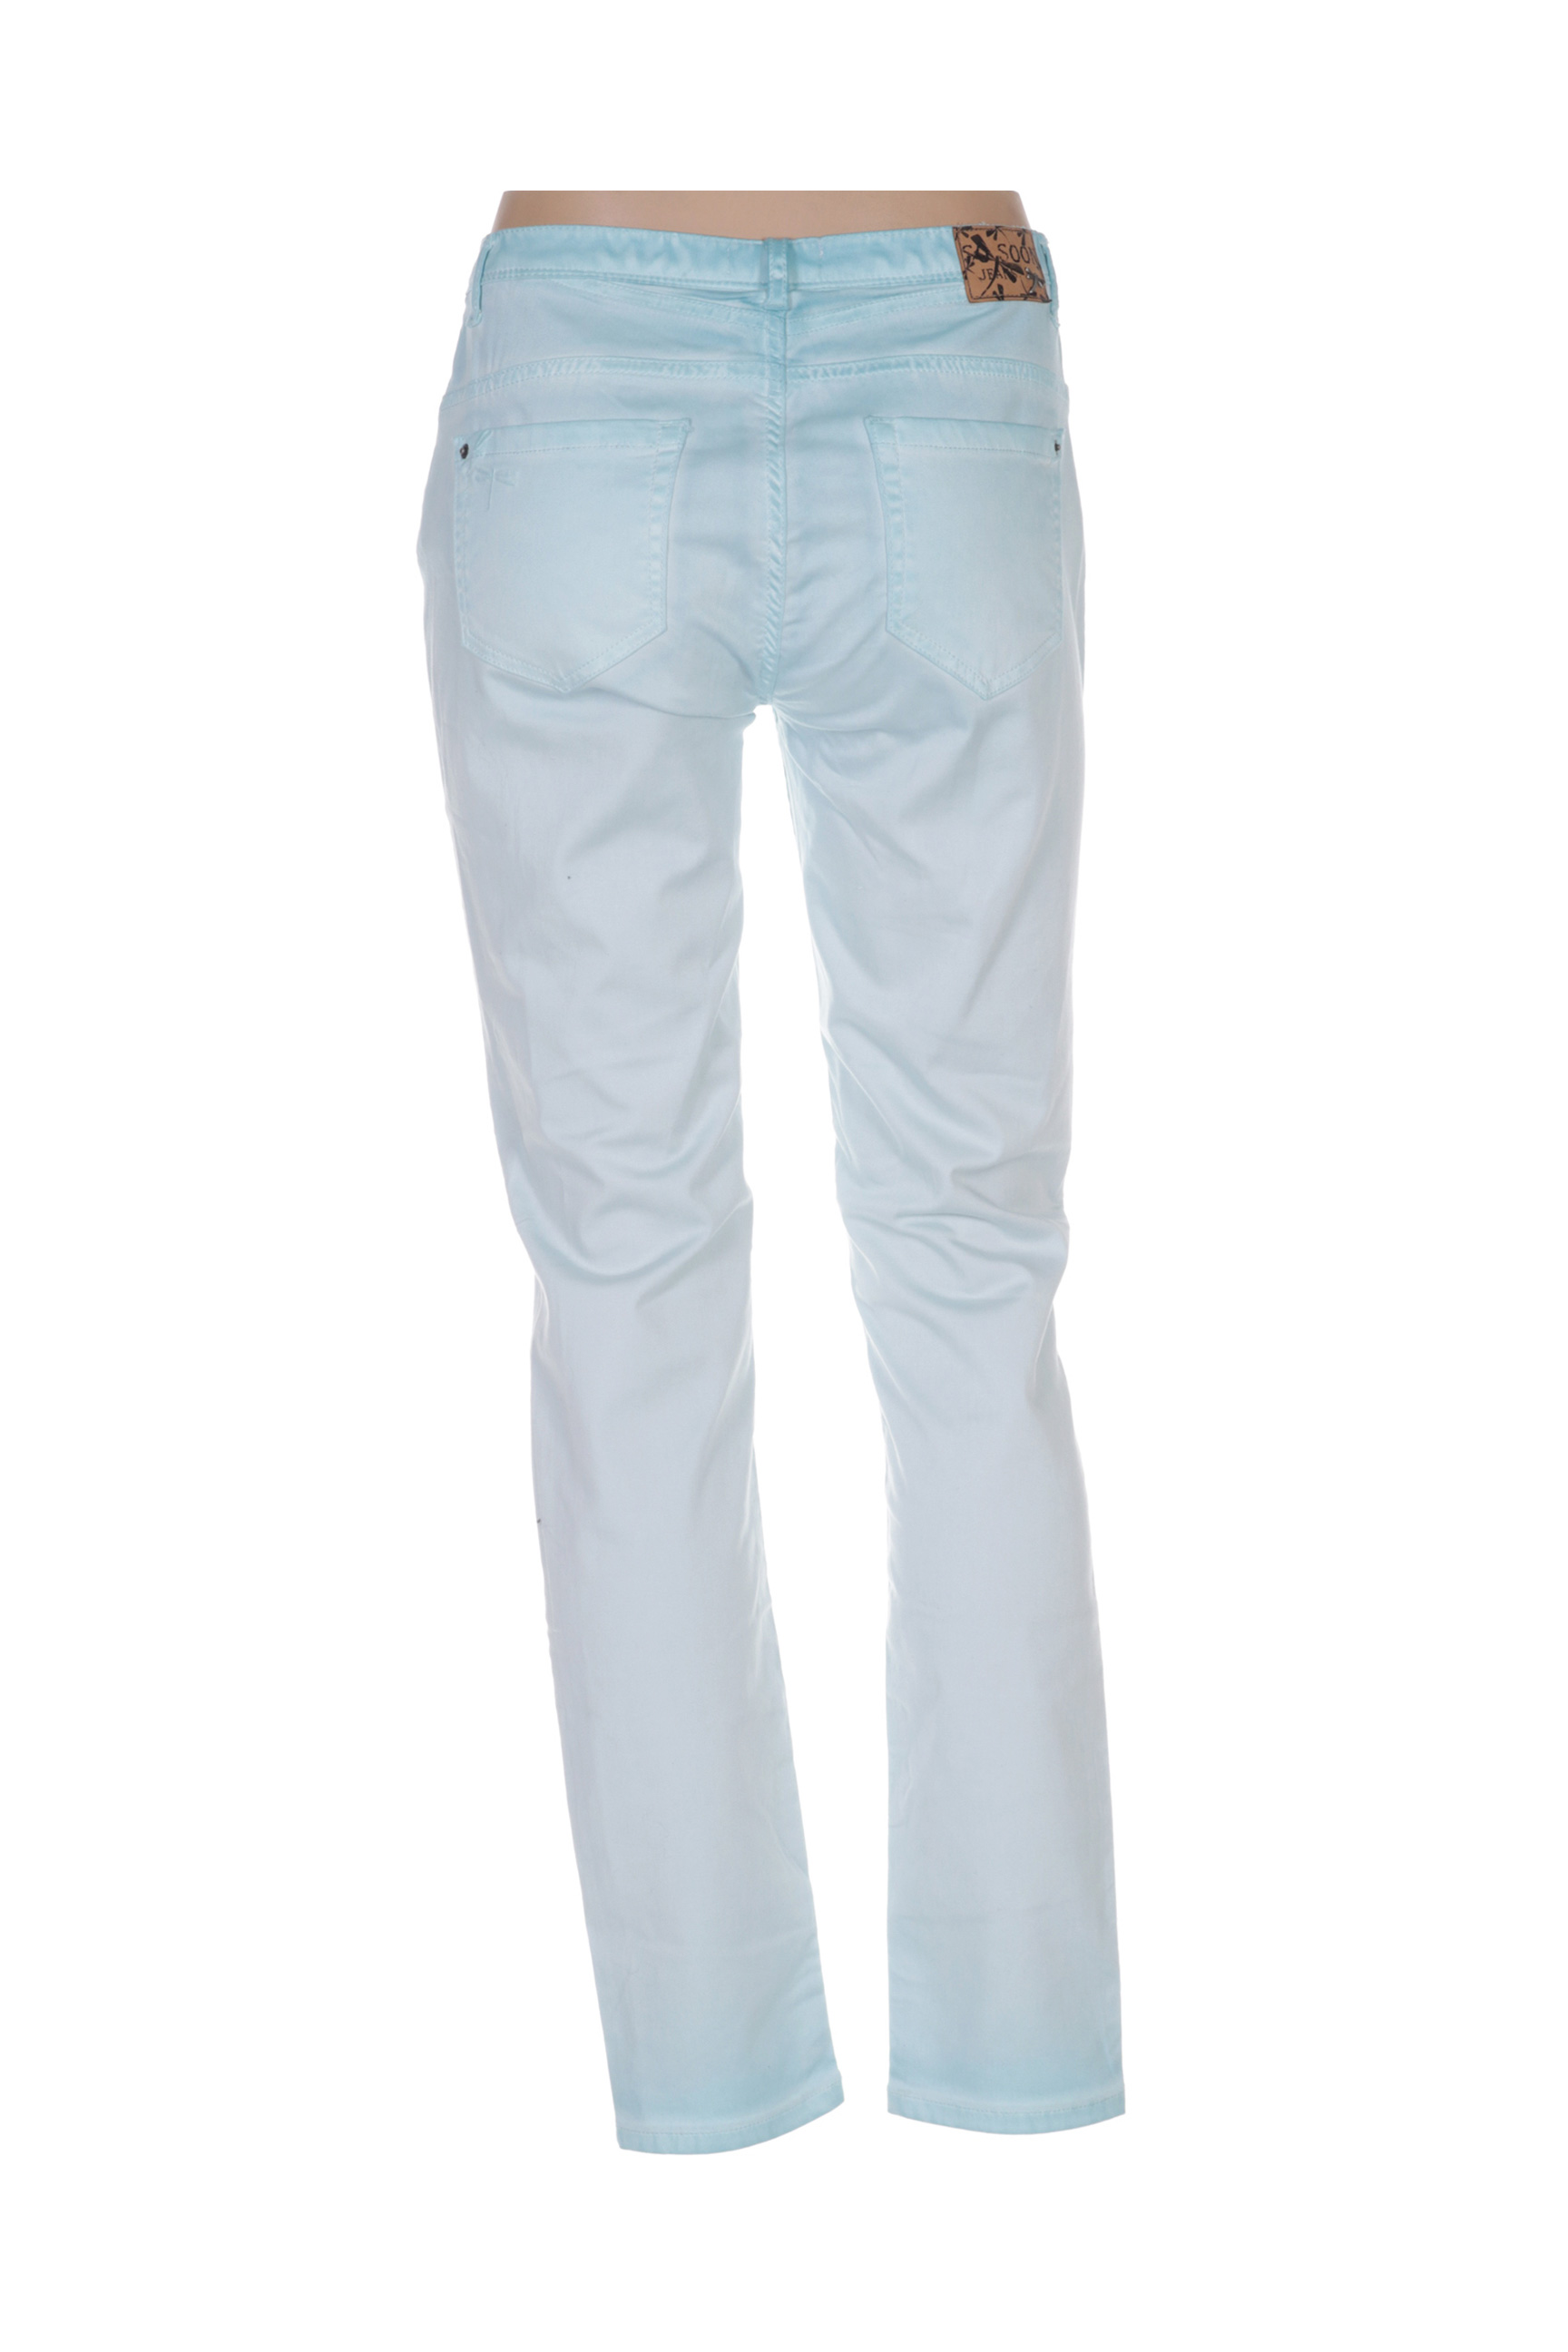 So Soon Pantalons Decontractes Femme De Couleur Bleu En Soldes Pas Cher 1425168-bleu00